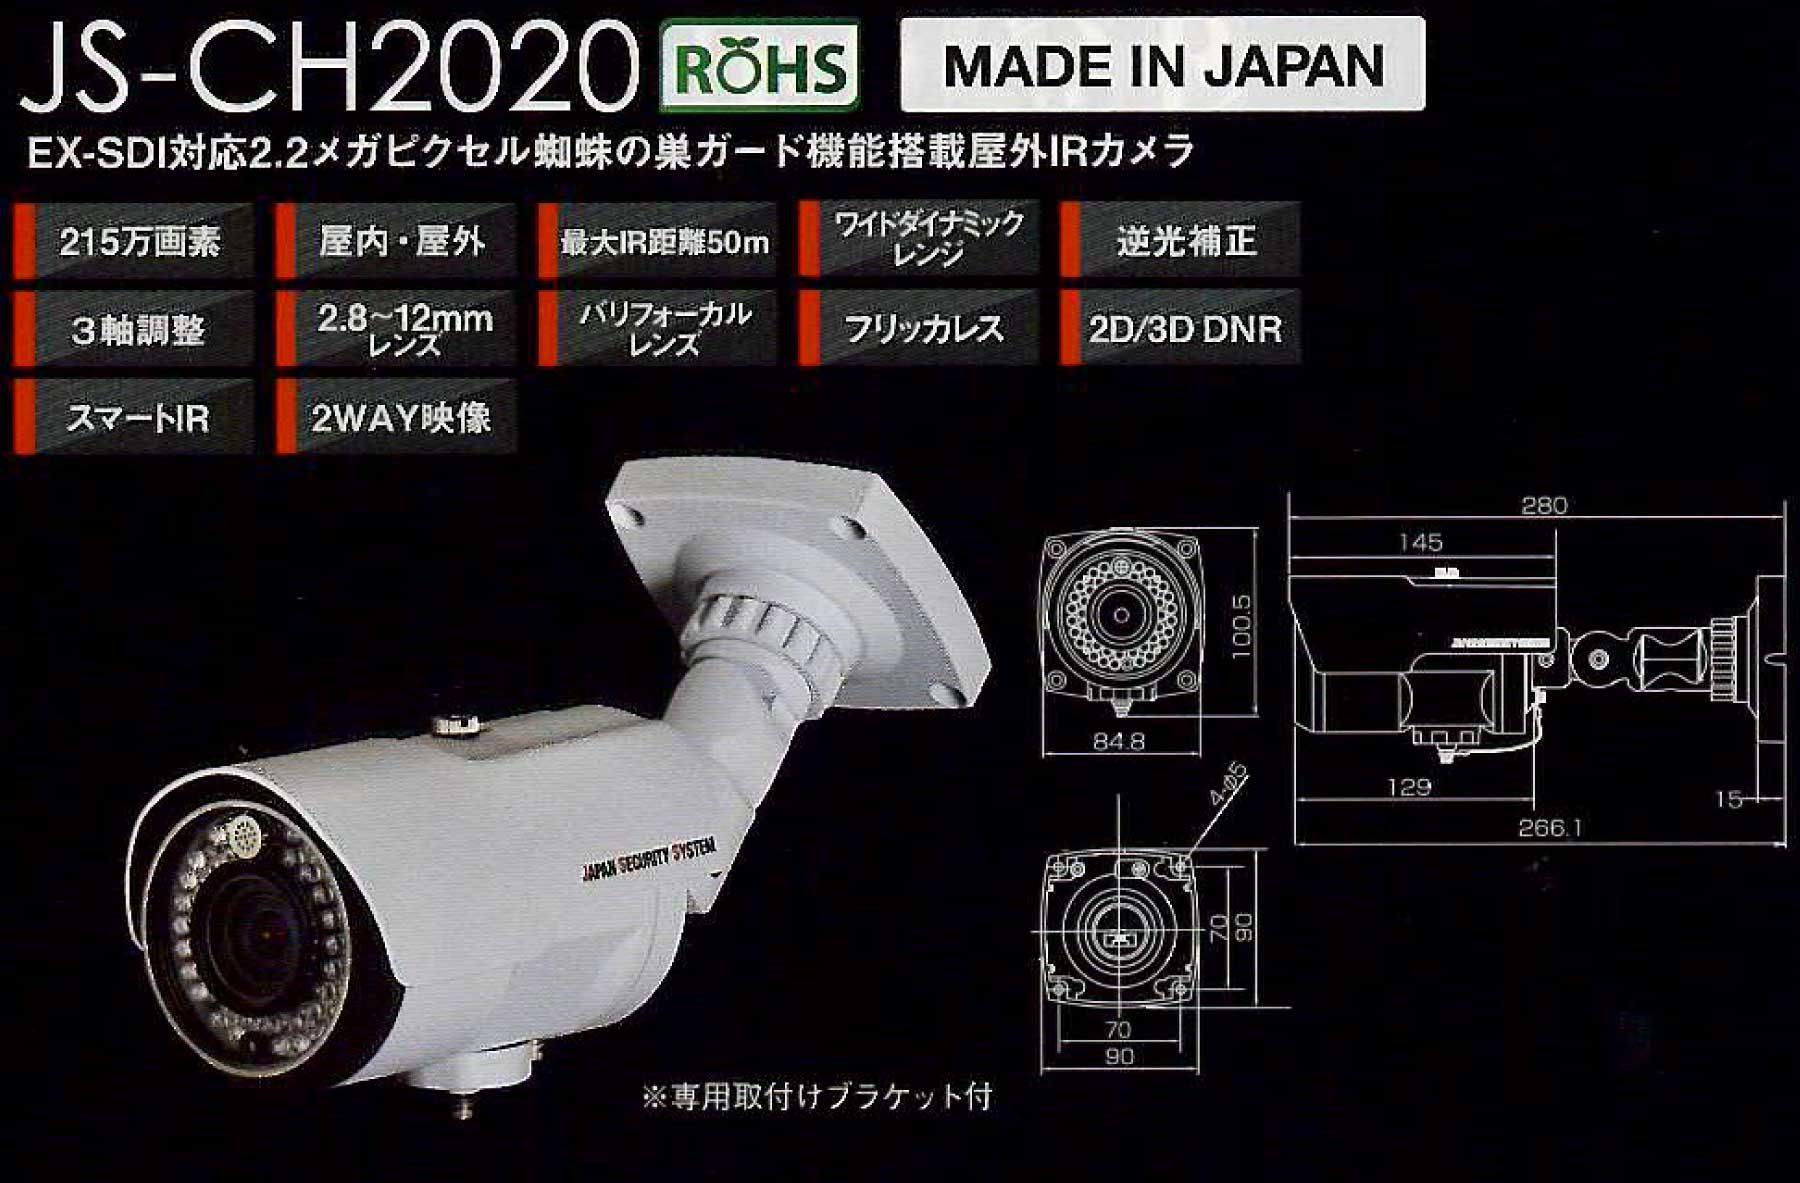 JS-CH2020